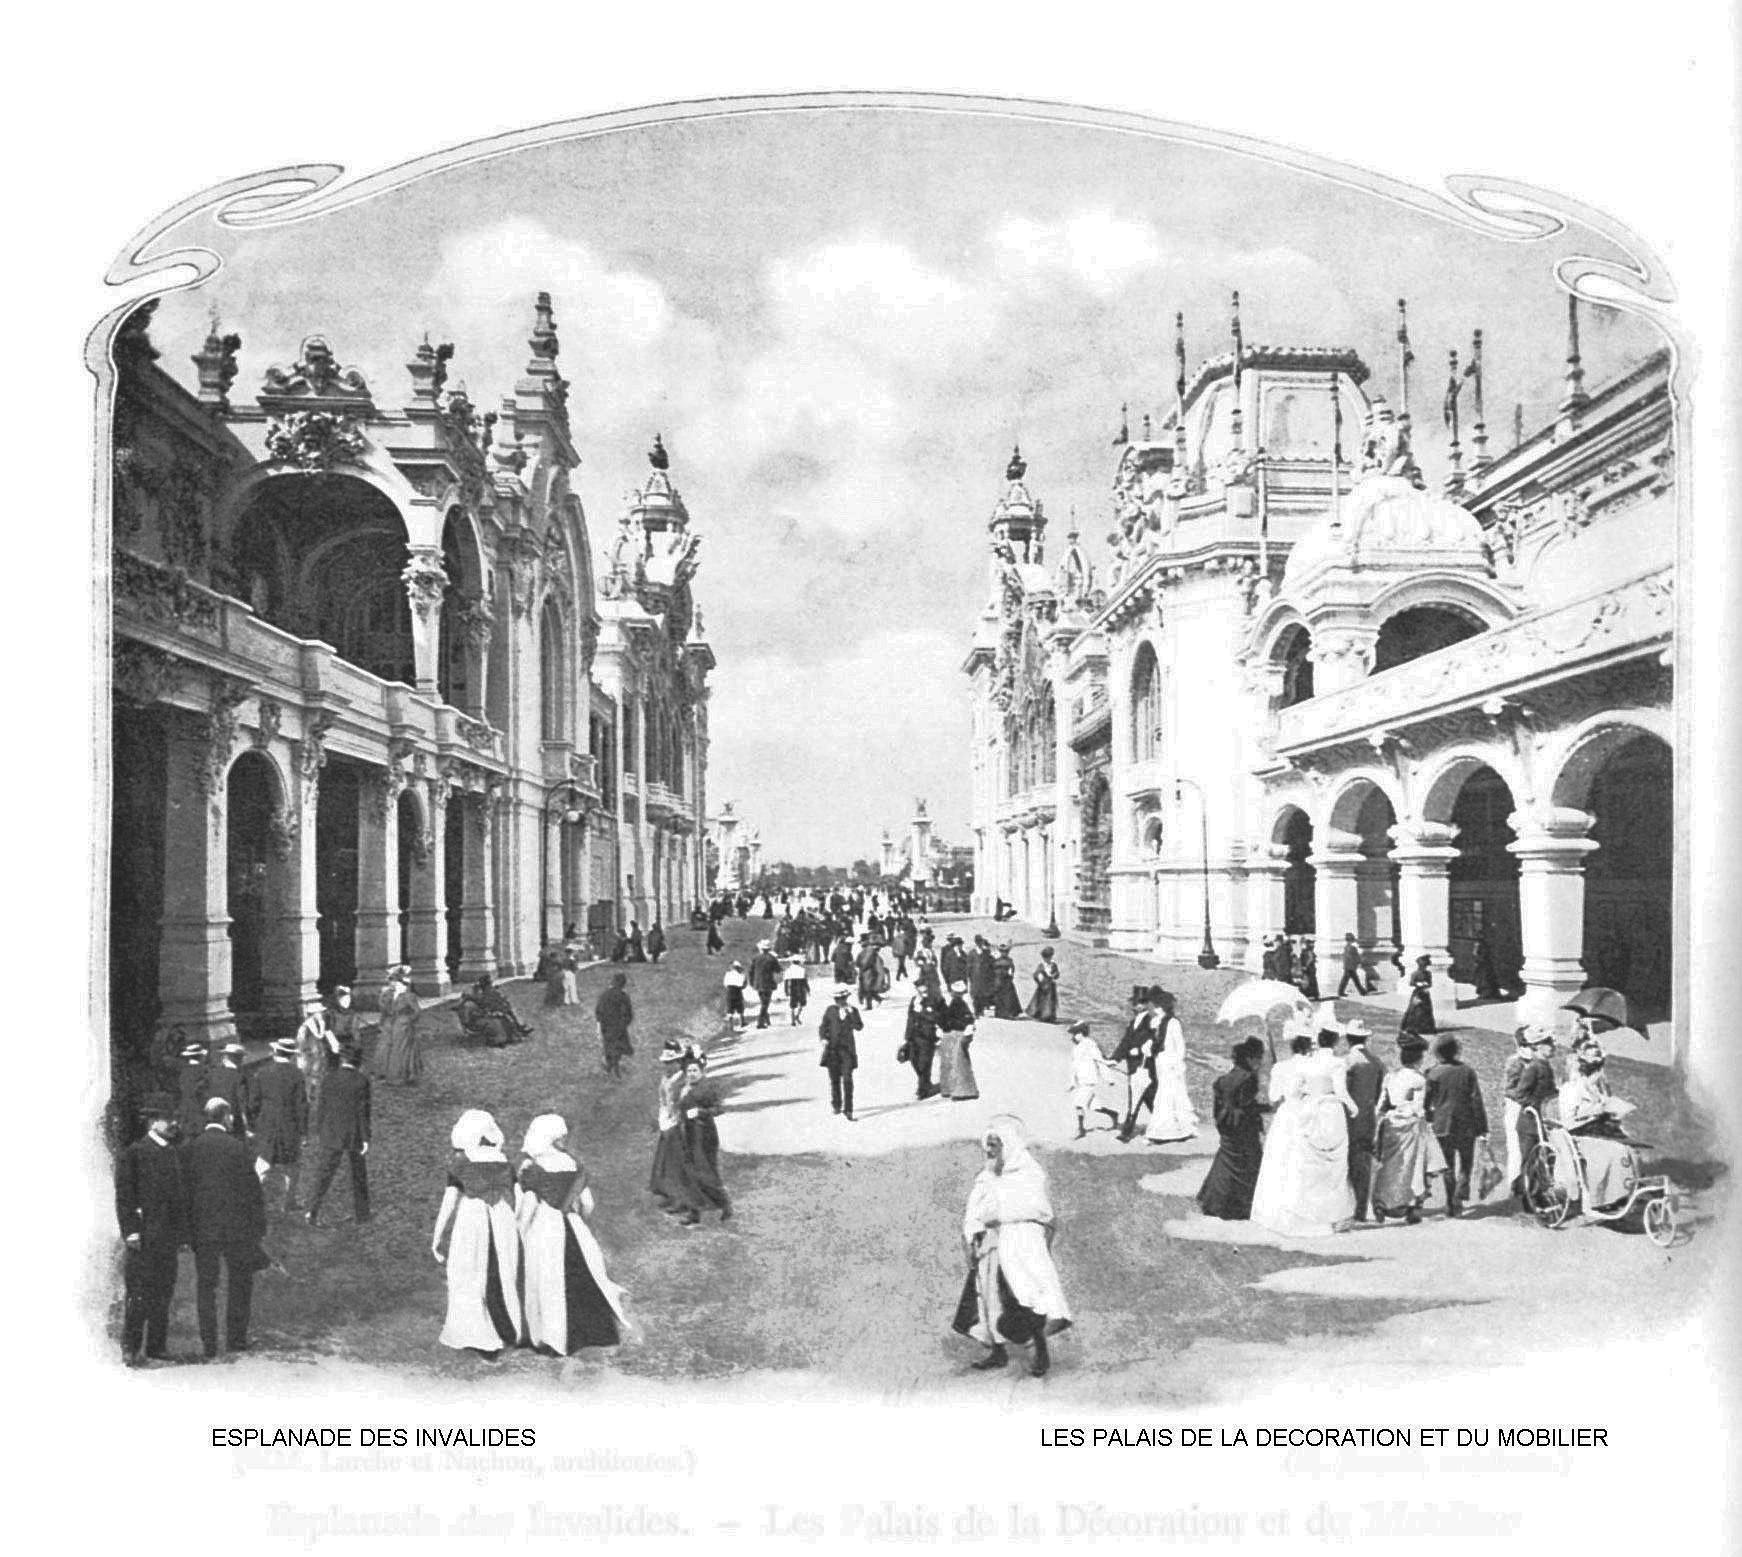 Ressources histoire exposition universelle 1900 esplanades des invalides palais de la decoration et du mobilier